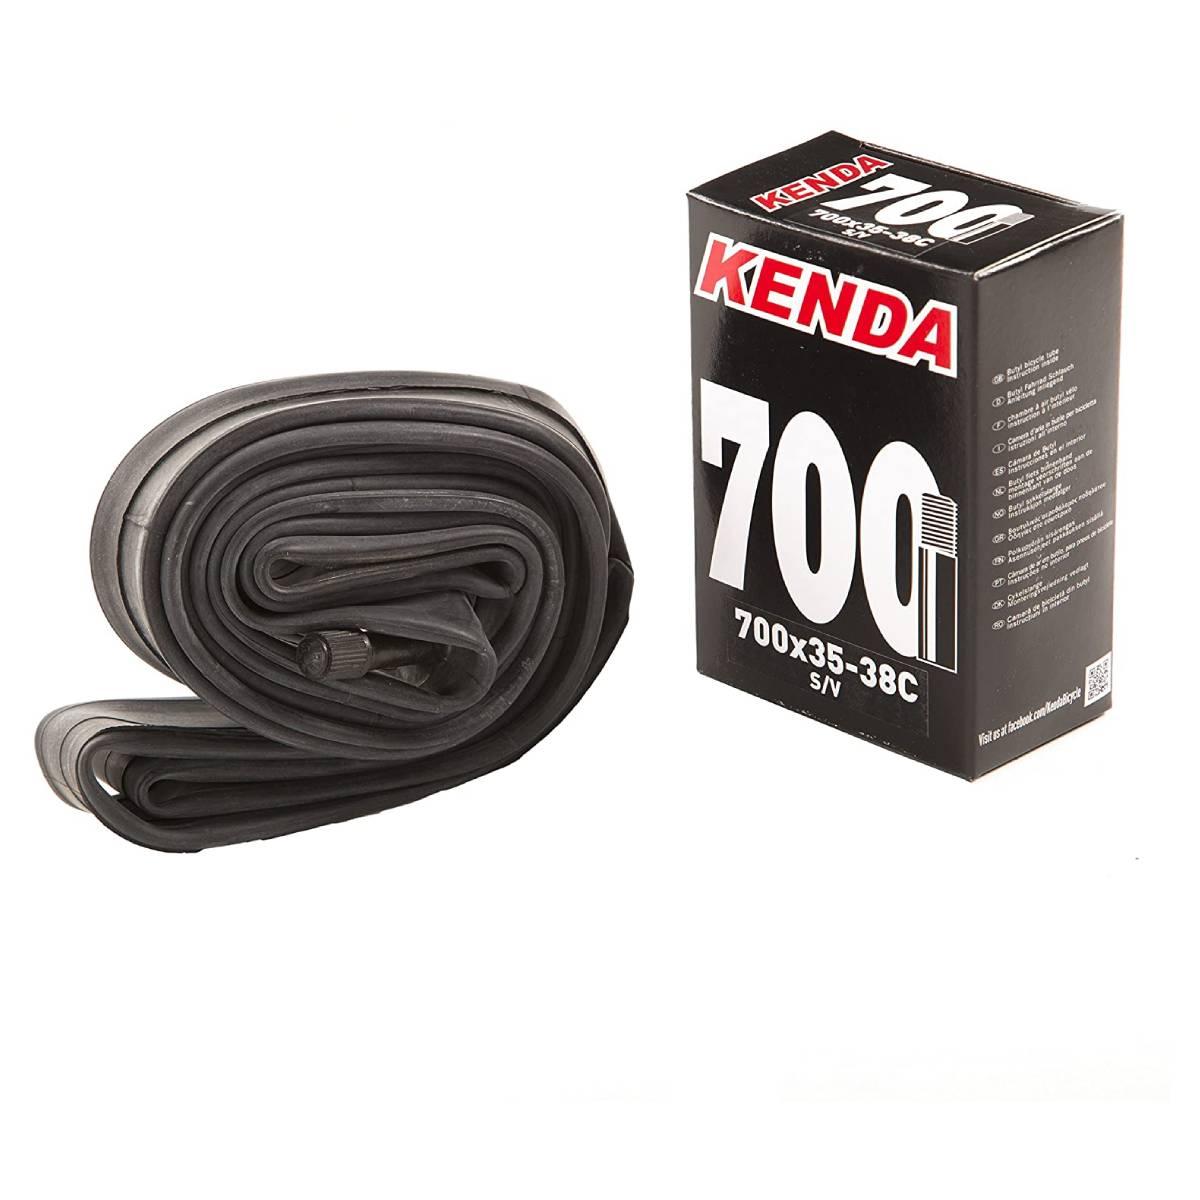 020014-06 tube kenda 700*35-38c presta 48mm